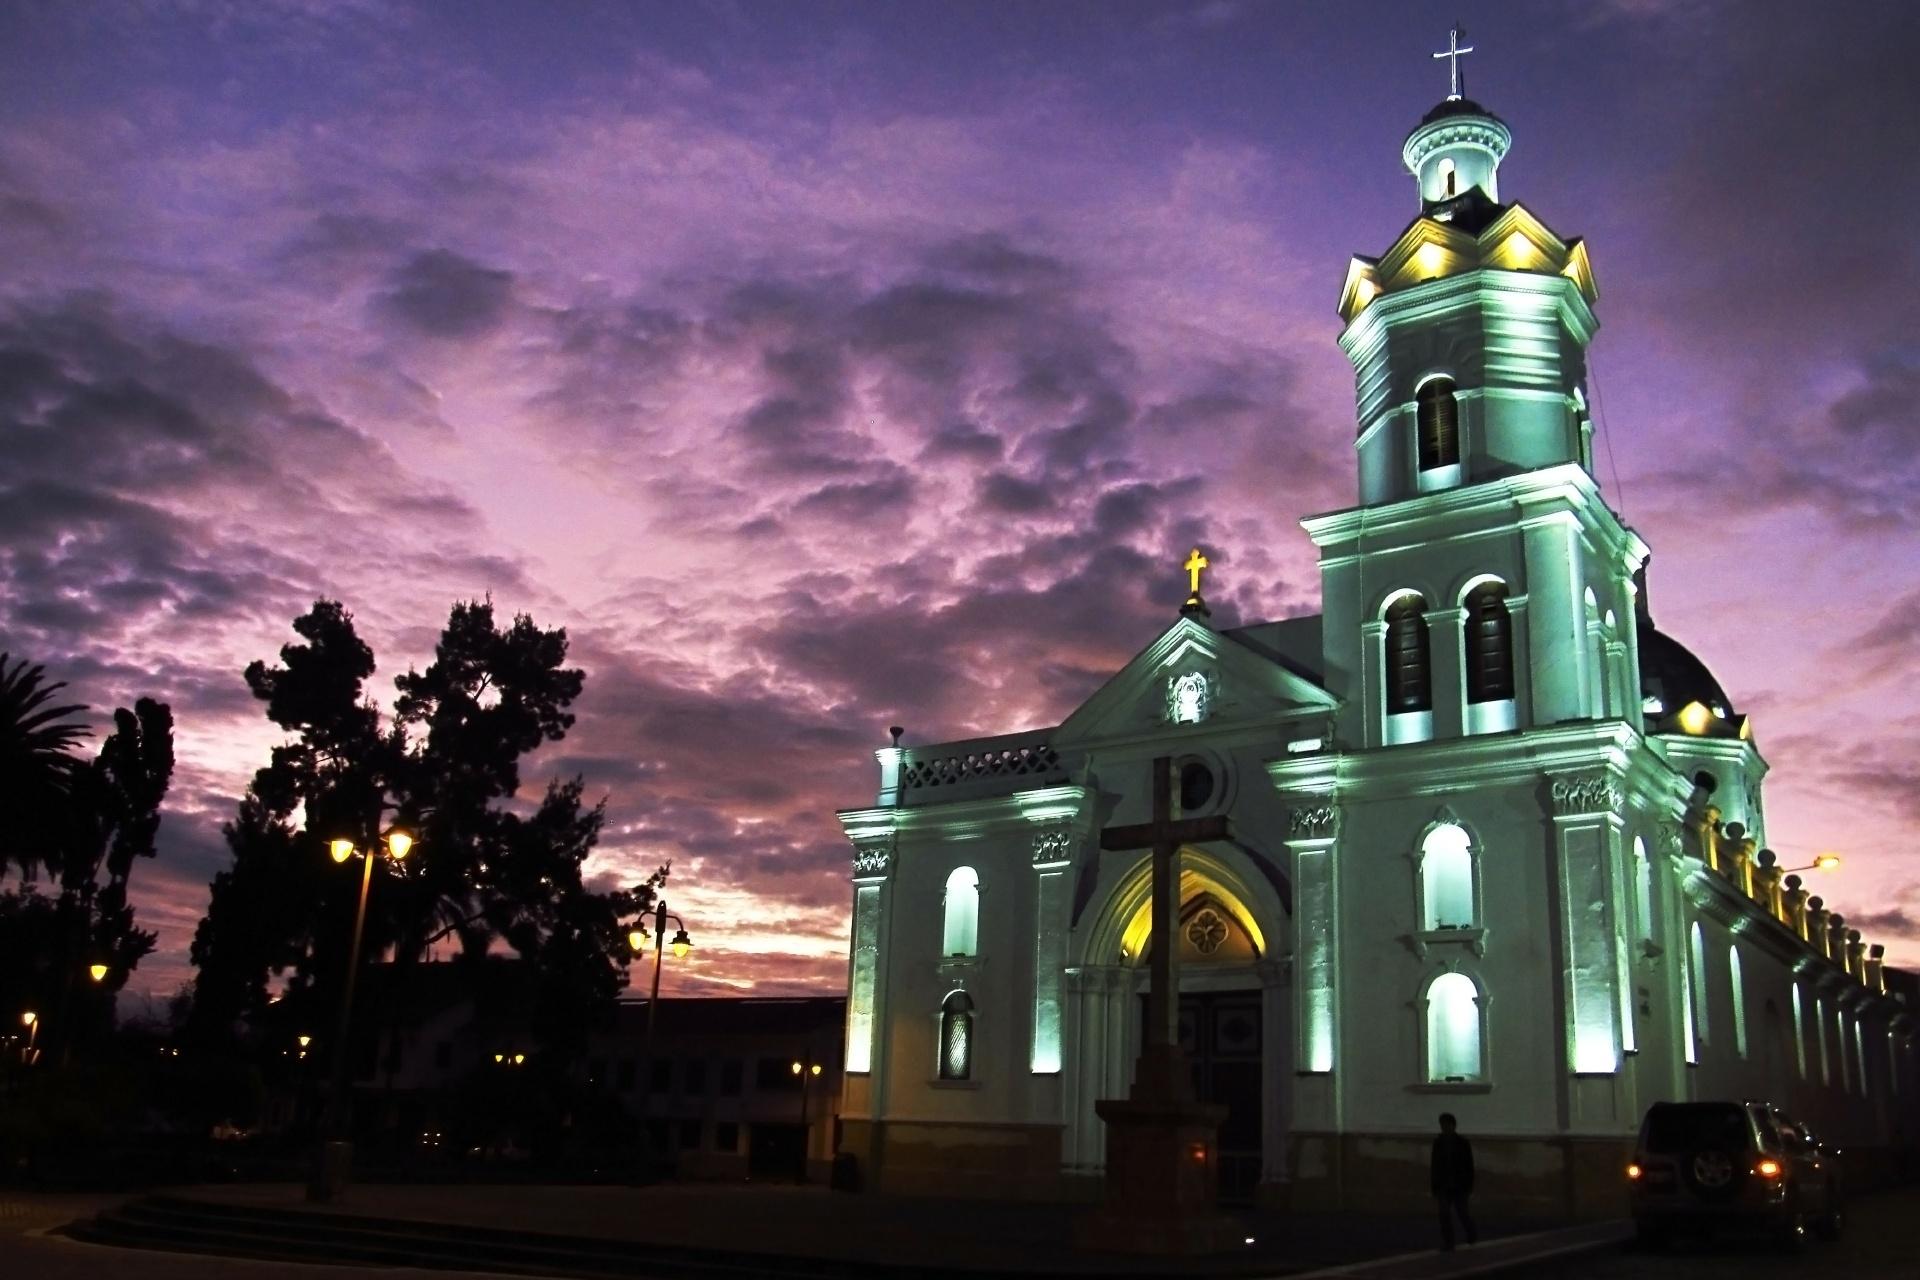 夕暮れ時の教会 クエンカ エクアドルの風景